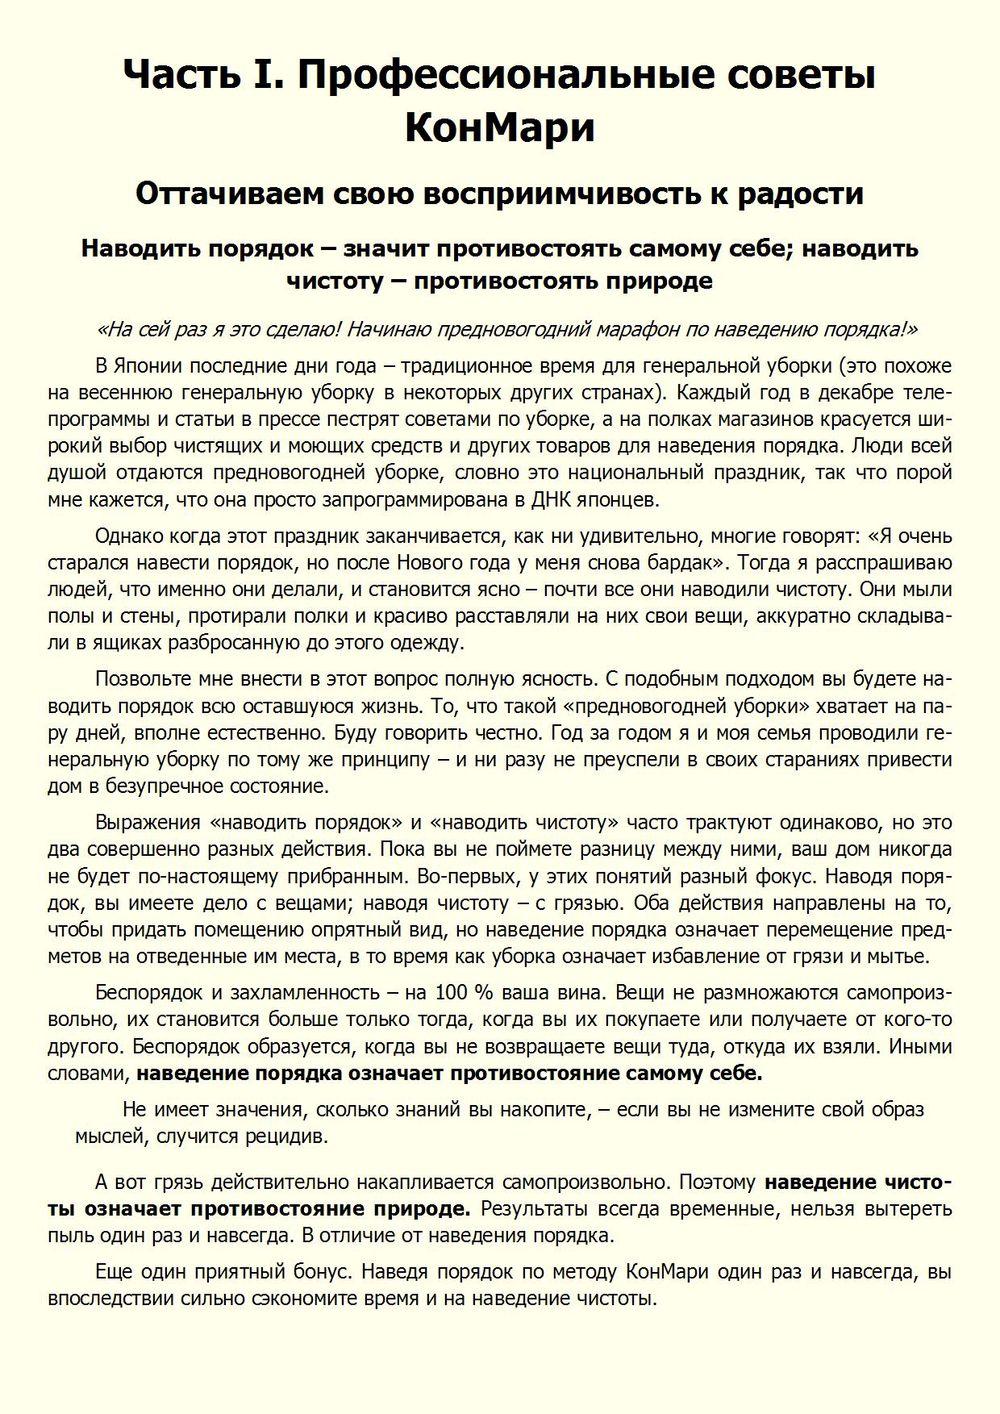 http://i4.imageban.ru/out/2017/06/21/100400a4889443a2c672ea707dfa191f.jpg